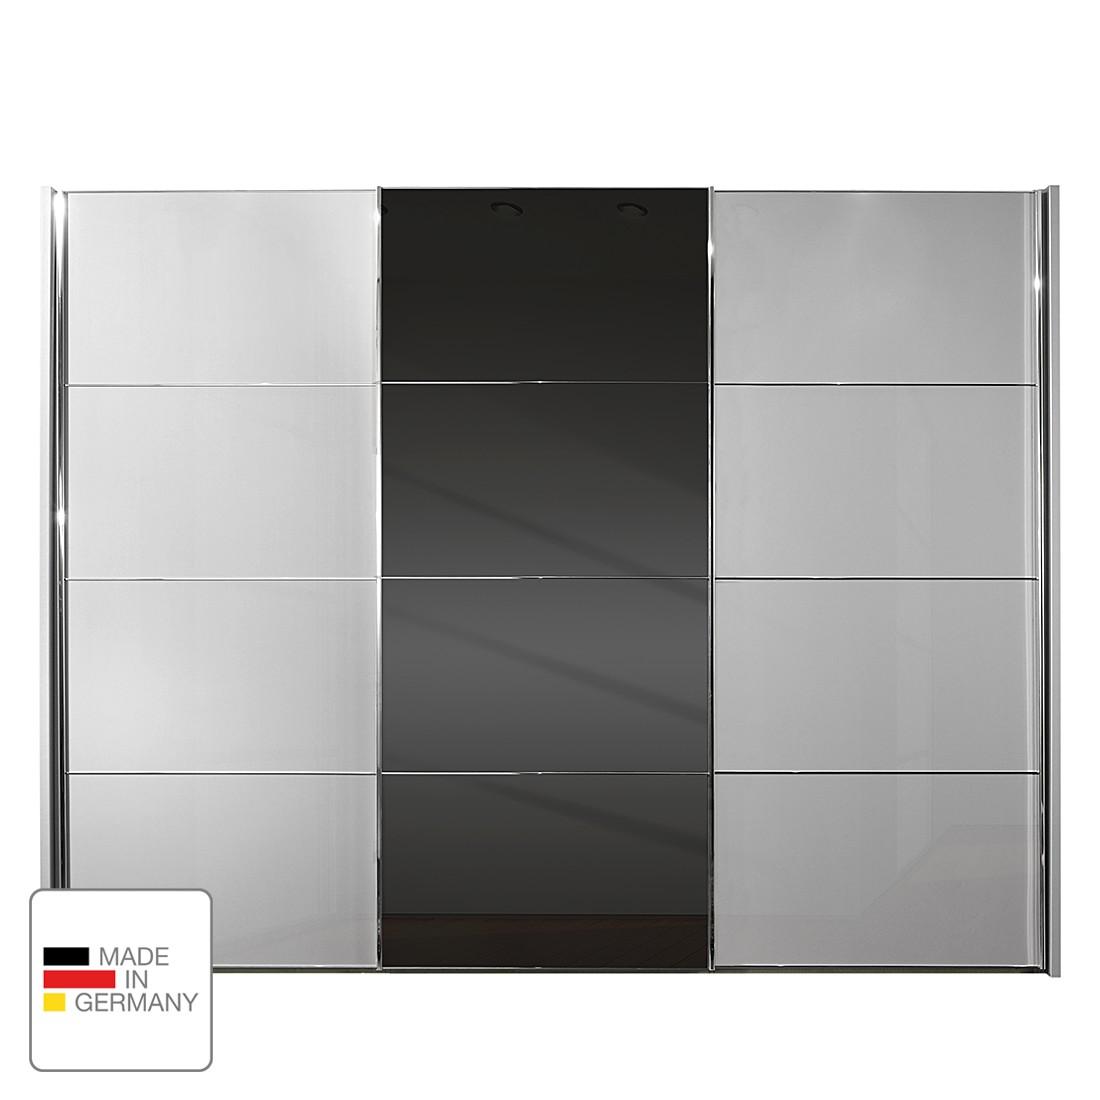 Schwebetürenschrank Amsterdam - Silber/Graphit - Ohne Beleuchtung - 200 cm (2-türig) - 236 cm, Althoff